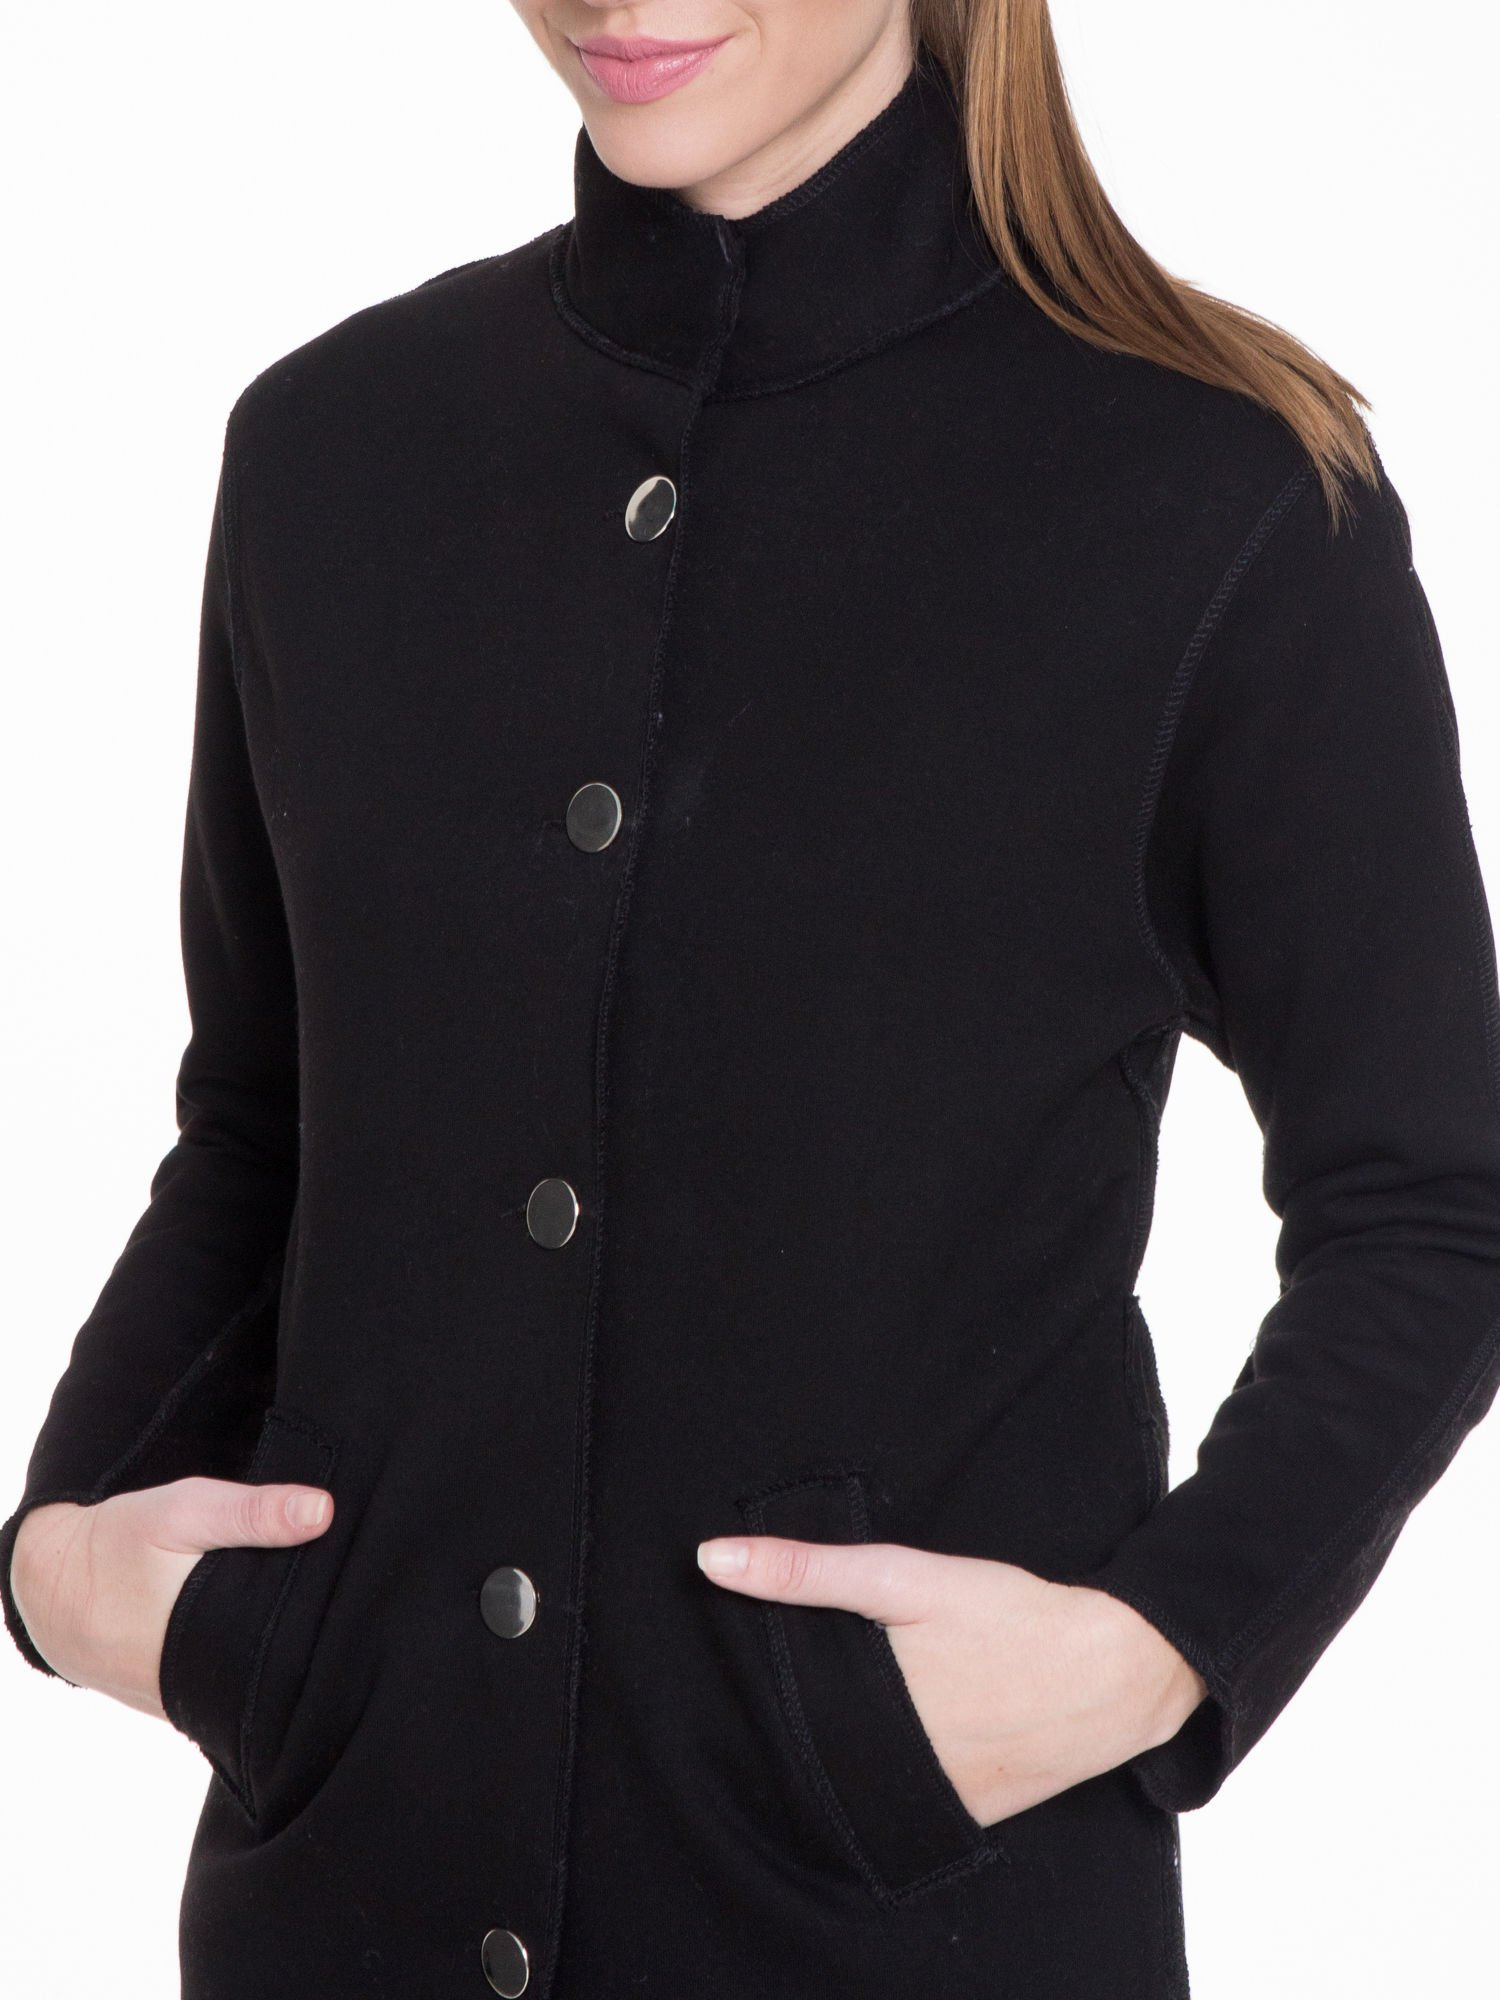 Czarny dresowy płaszcz o kroju oversize                                  zdj.                                  5